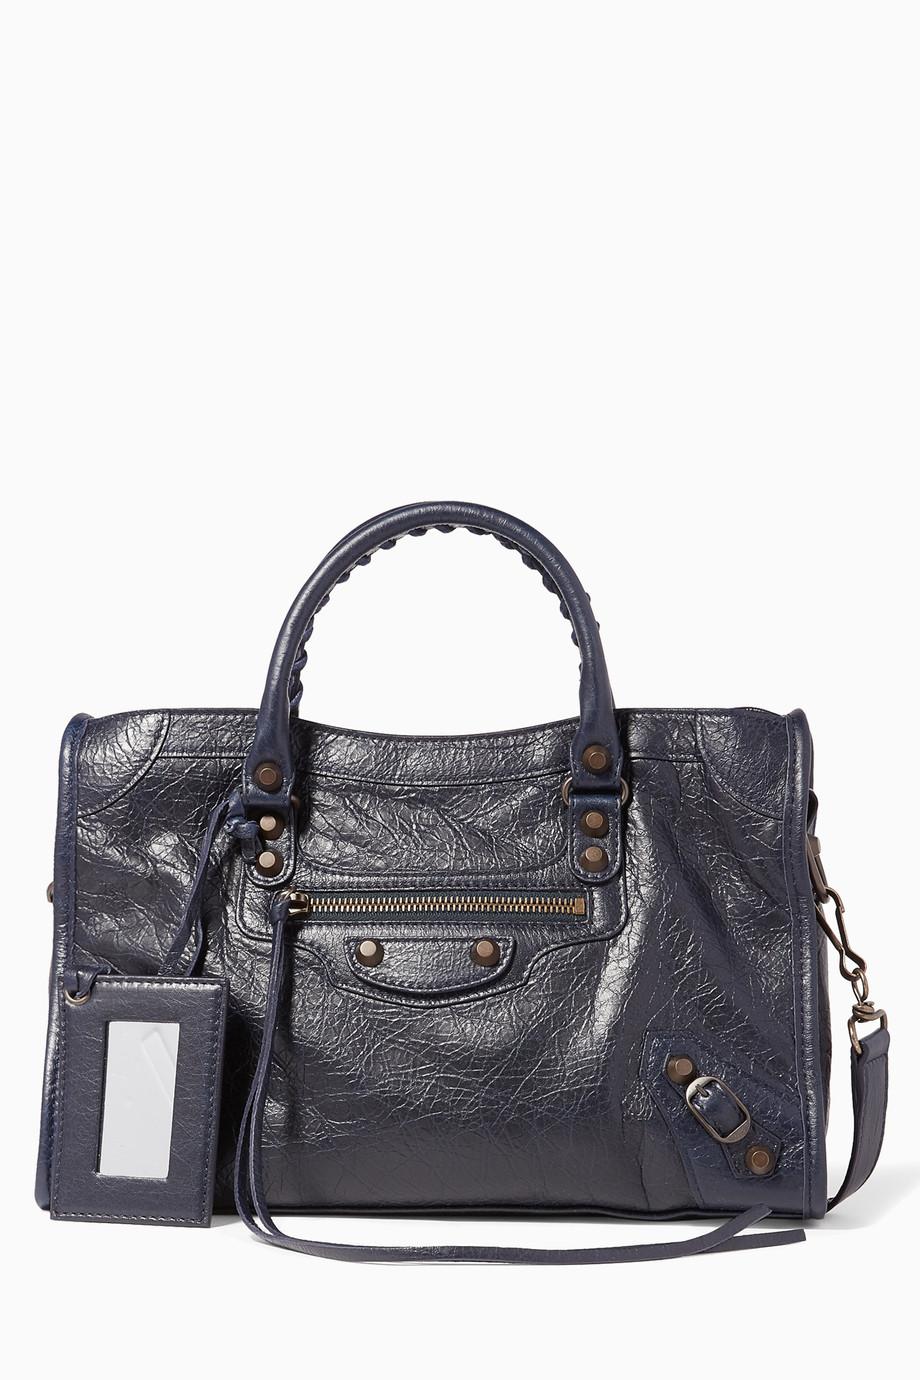 e05c4e32a Shop Balenciaga Blue Midnight-Blue Classic City S Bag for Women | Ounass  Saudi